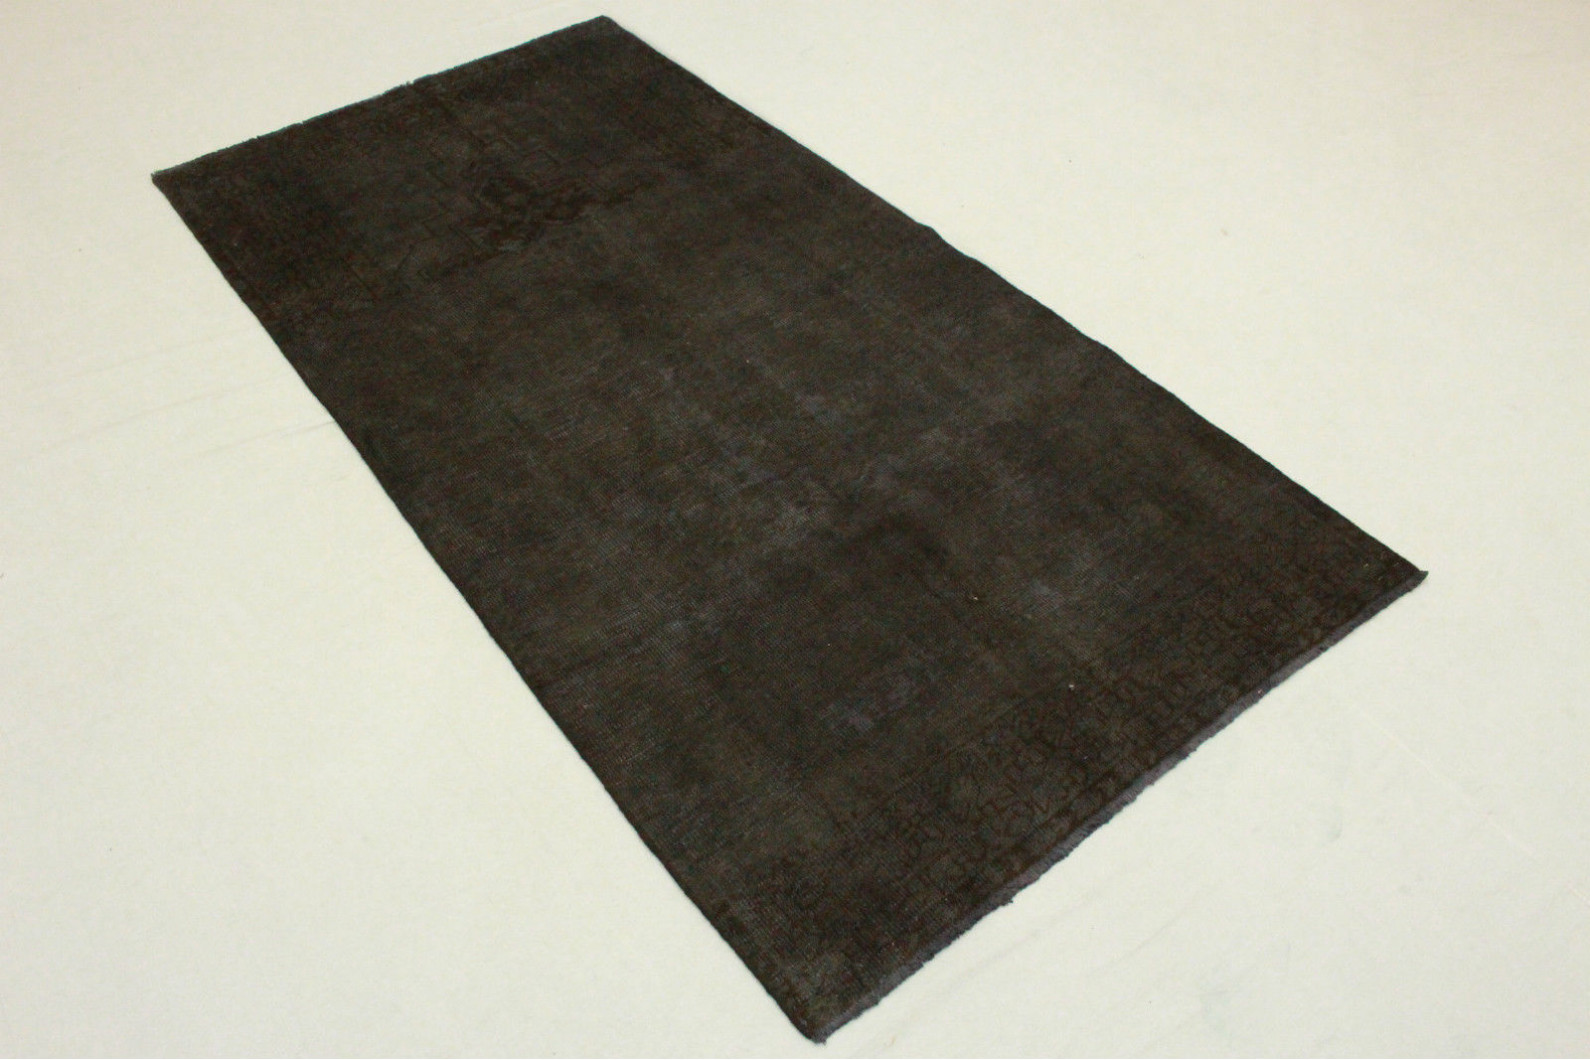 vintage teppich schwarz grau in 240x120cm 1001 3439 bei. Black Bedroom Furniture Sets. Home Design Ideas